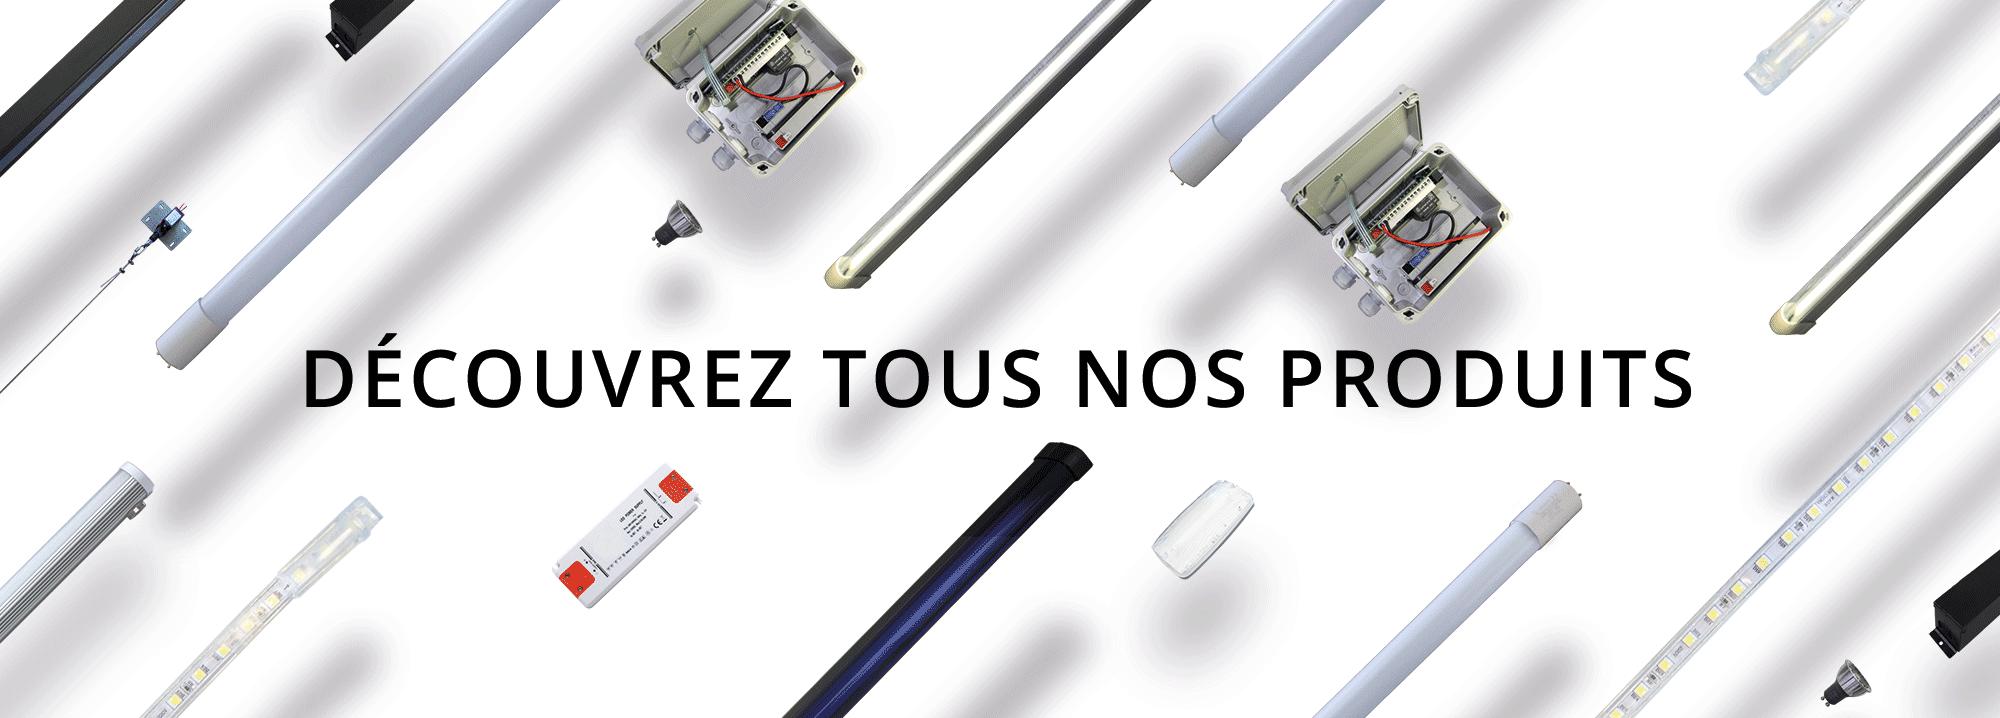 tous-produits-ascenseurs-materiel-weco-france